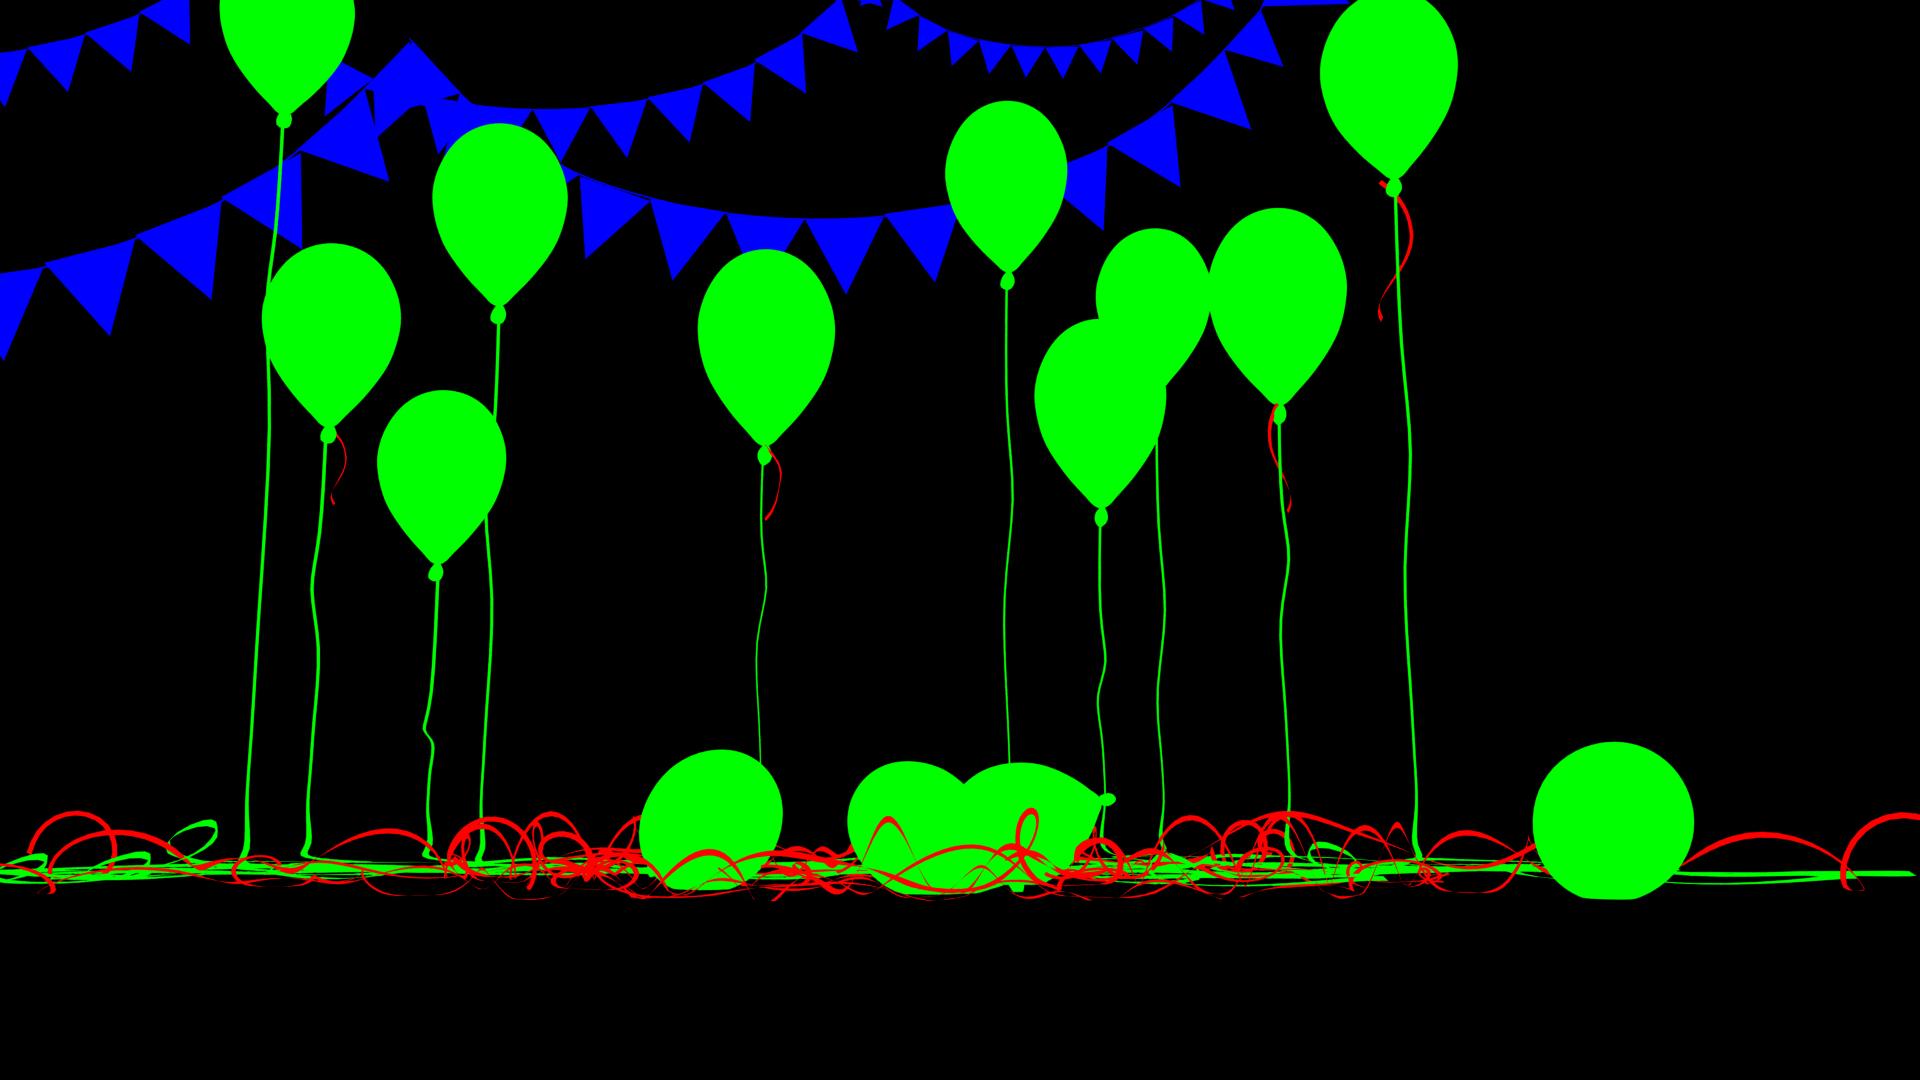 Balloons IDPass by Ronald Fong